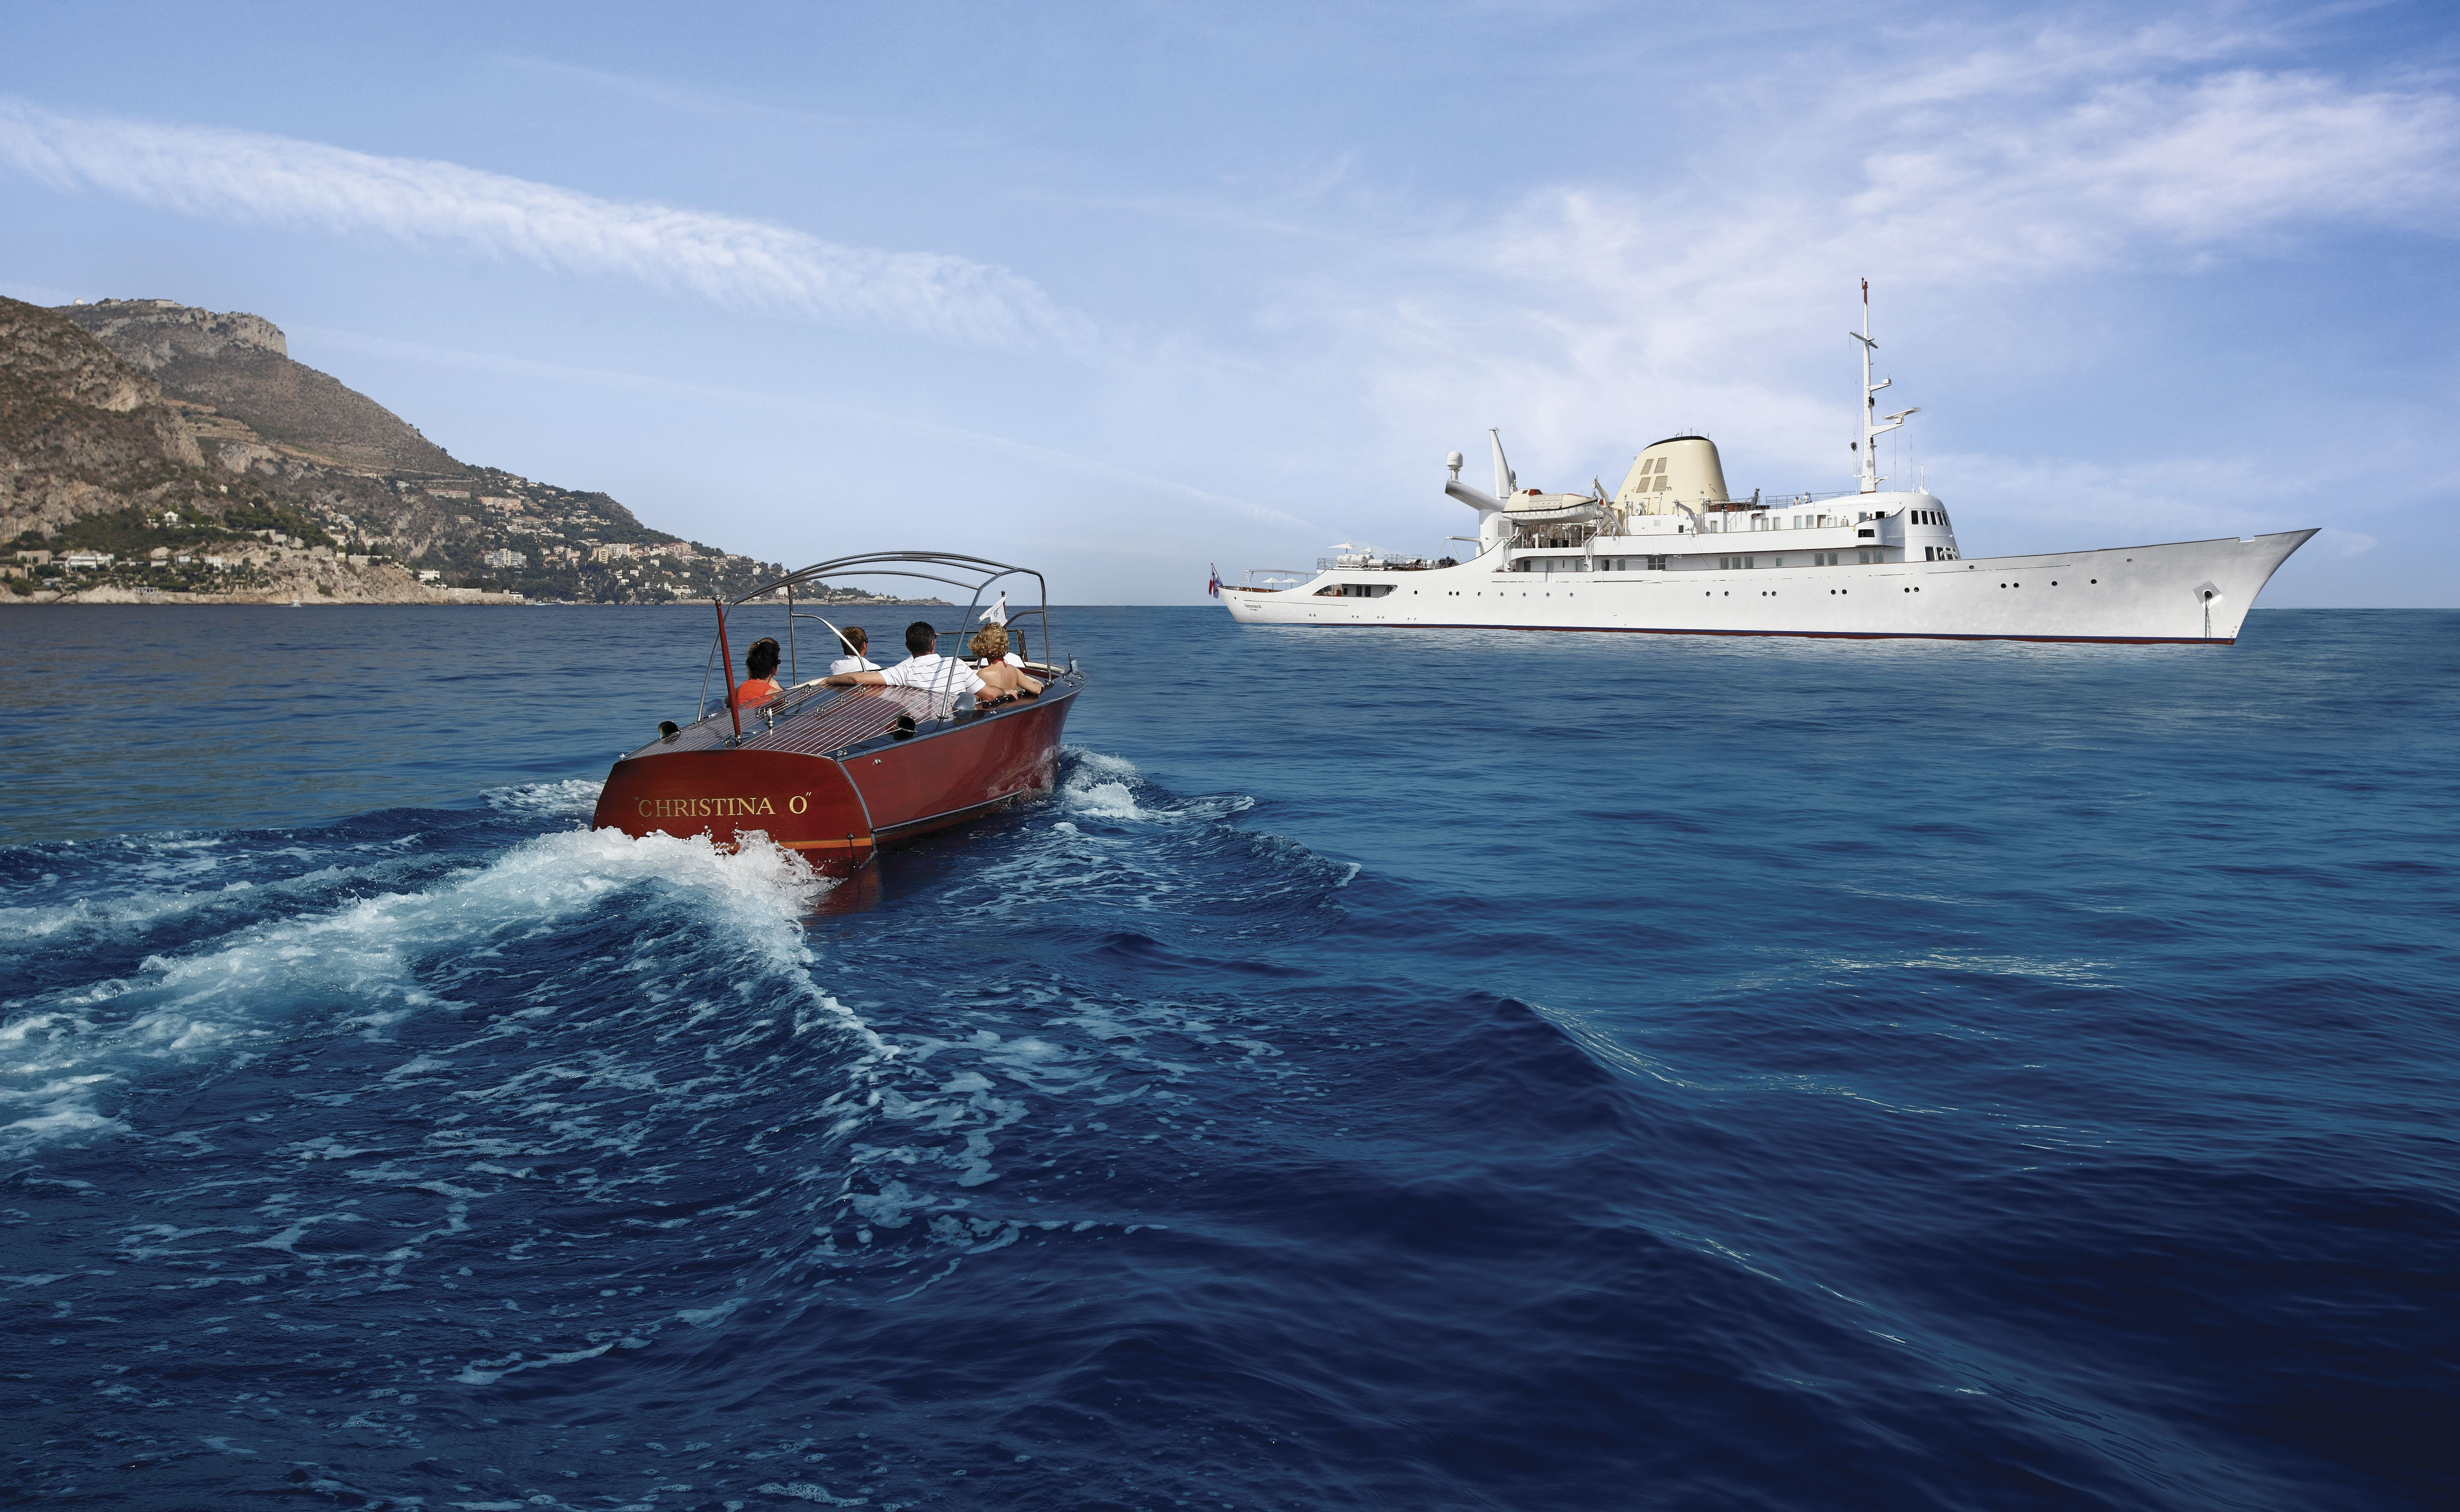 Alquiler de barcos y yates de lujo en Ibiza. Yates de alquiler en Ibiza. Yates de lujo en Ibiza